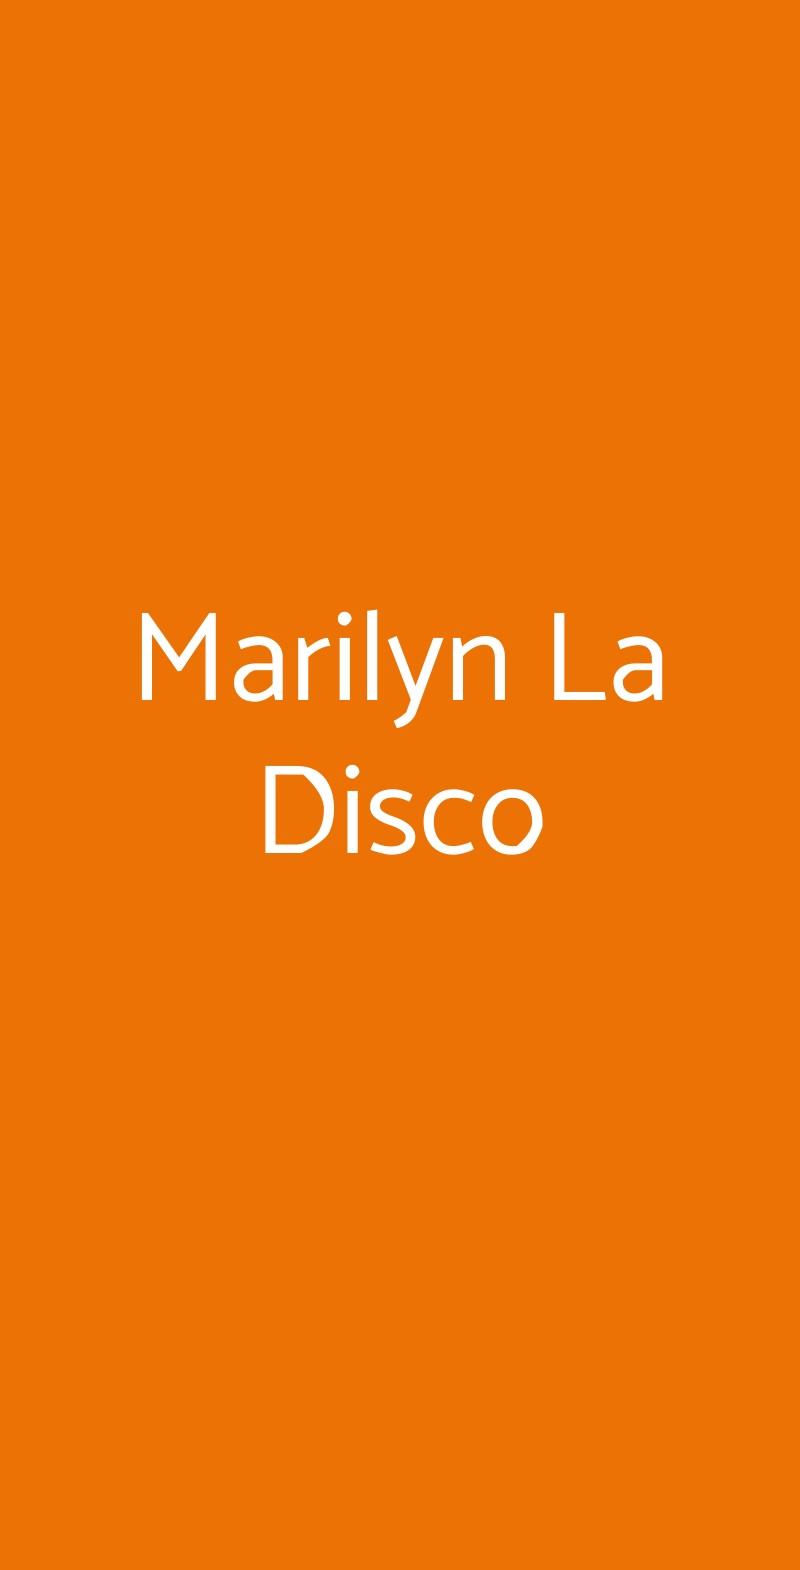 Marilyn La Disco Milazzo menù 1 pagina